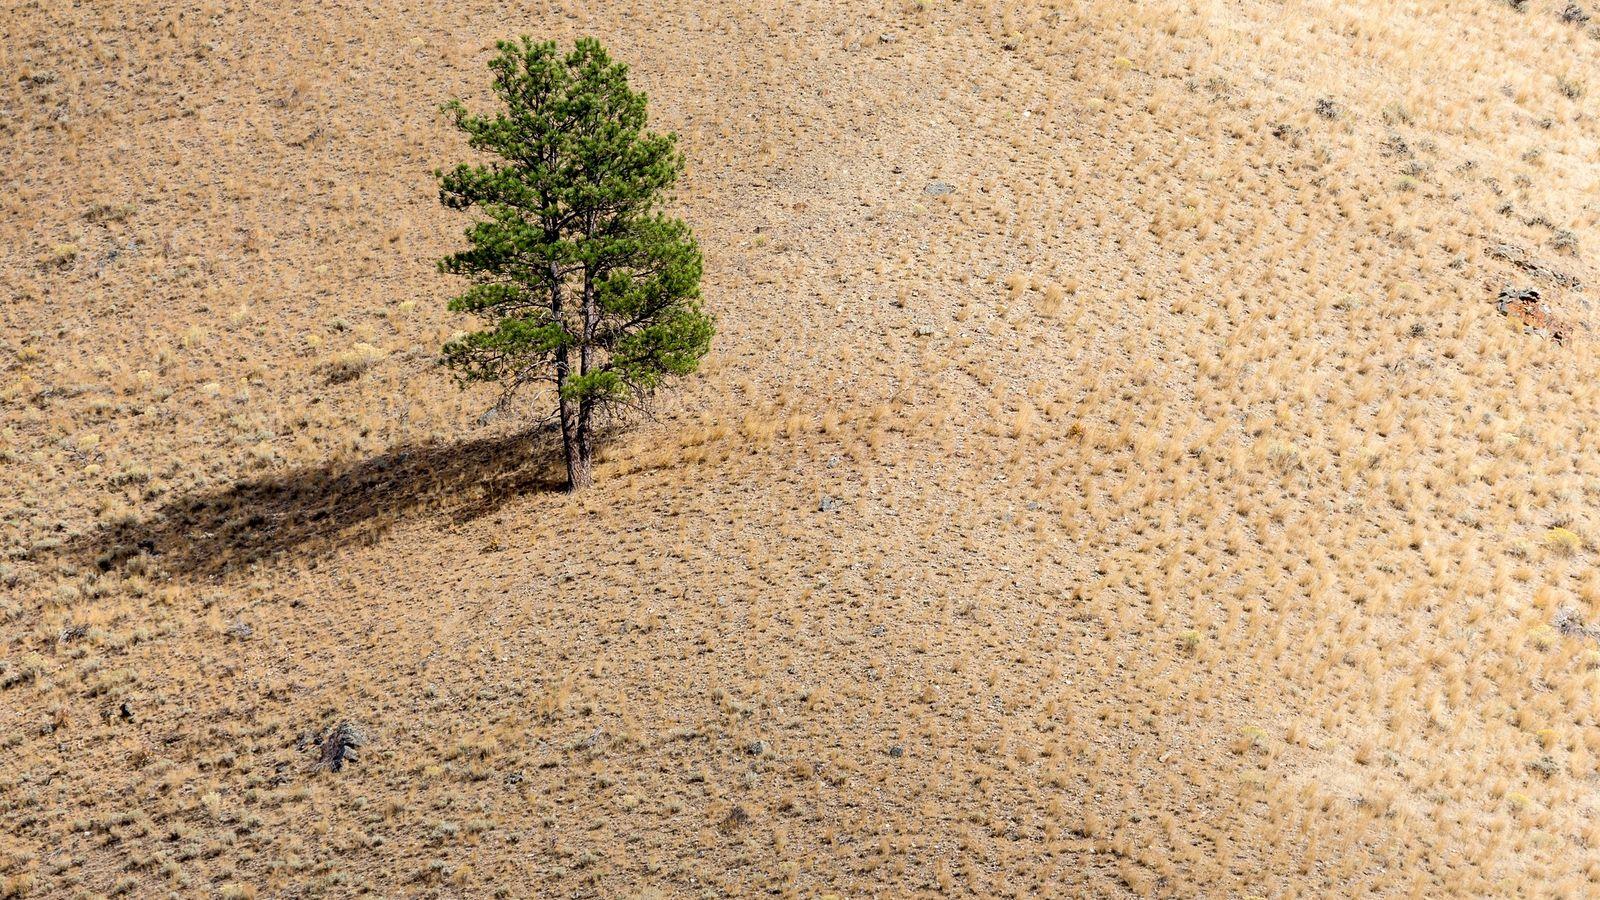 Arbre solitaire sur le flanc d'une colline, par une fin d'après-midi.